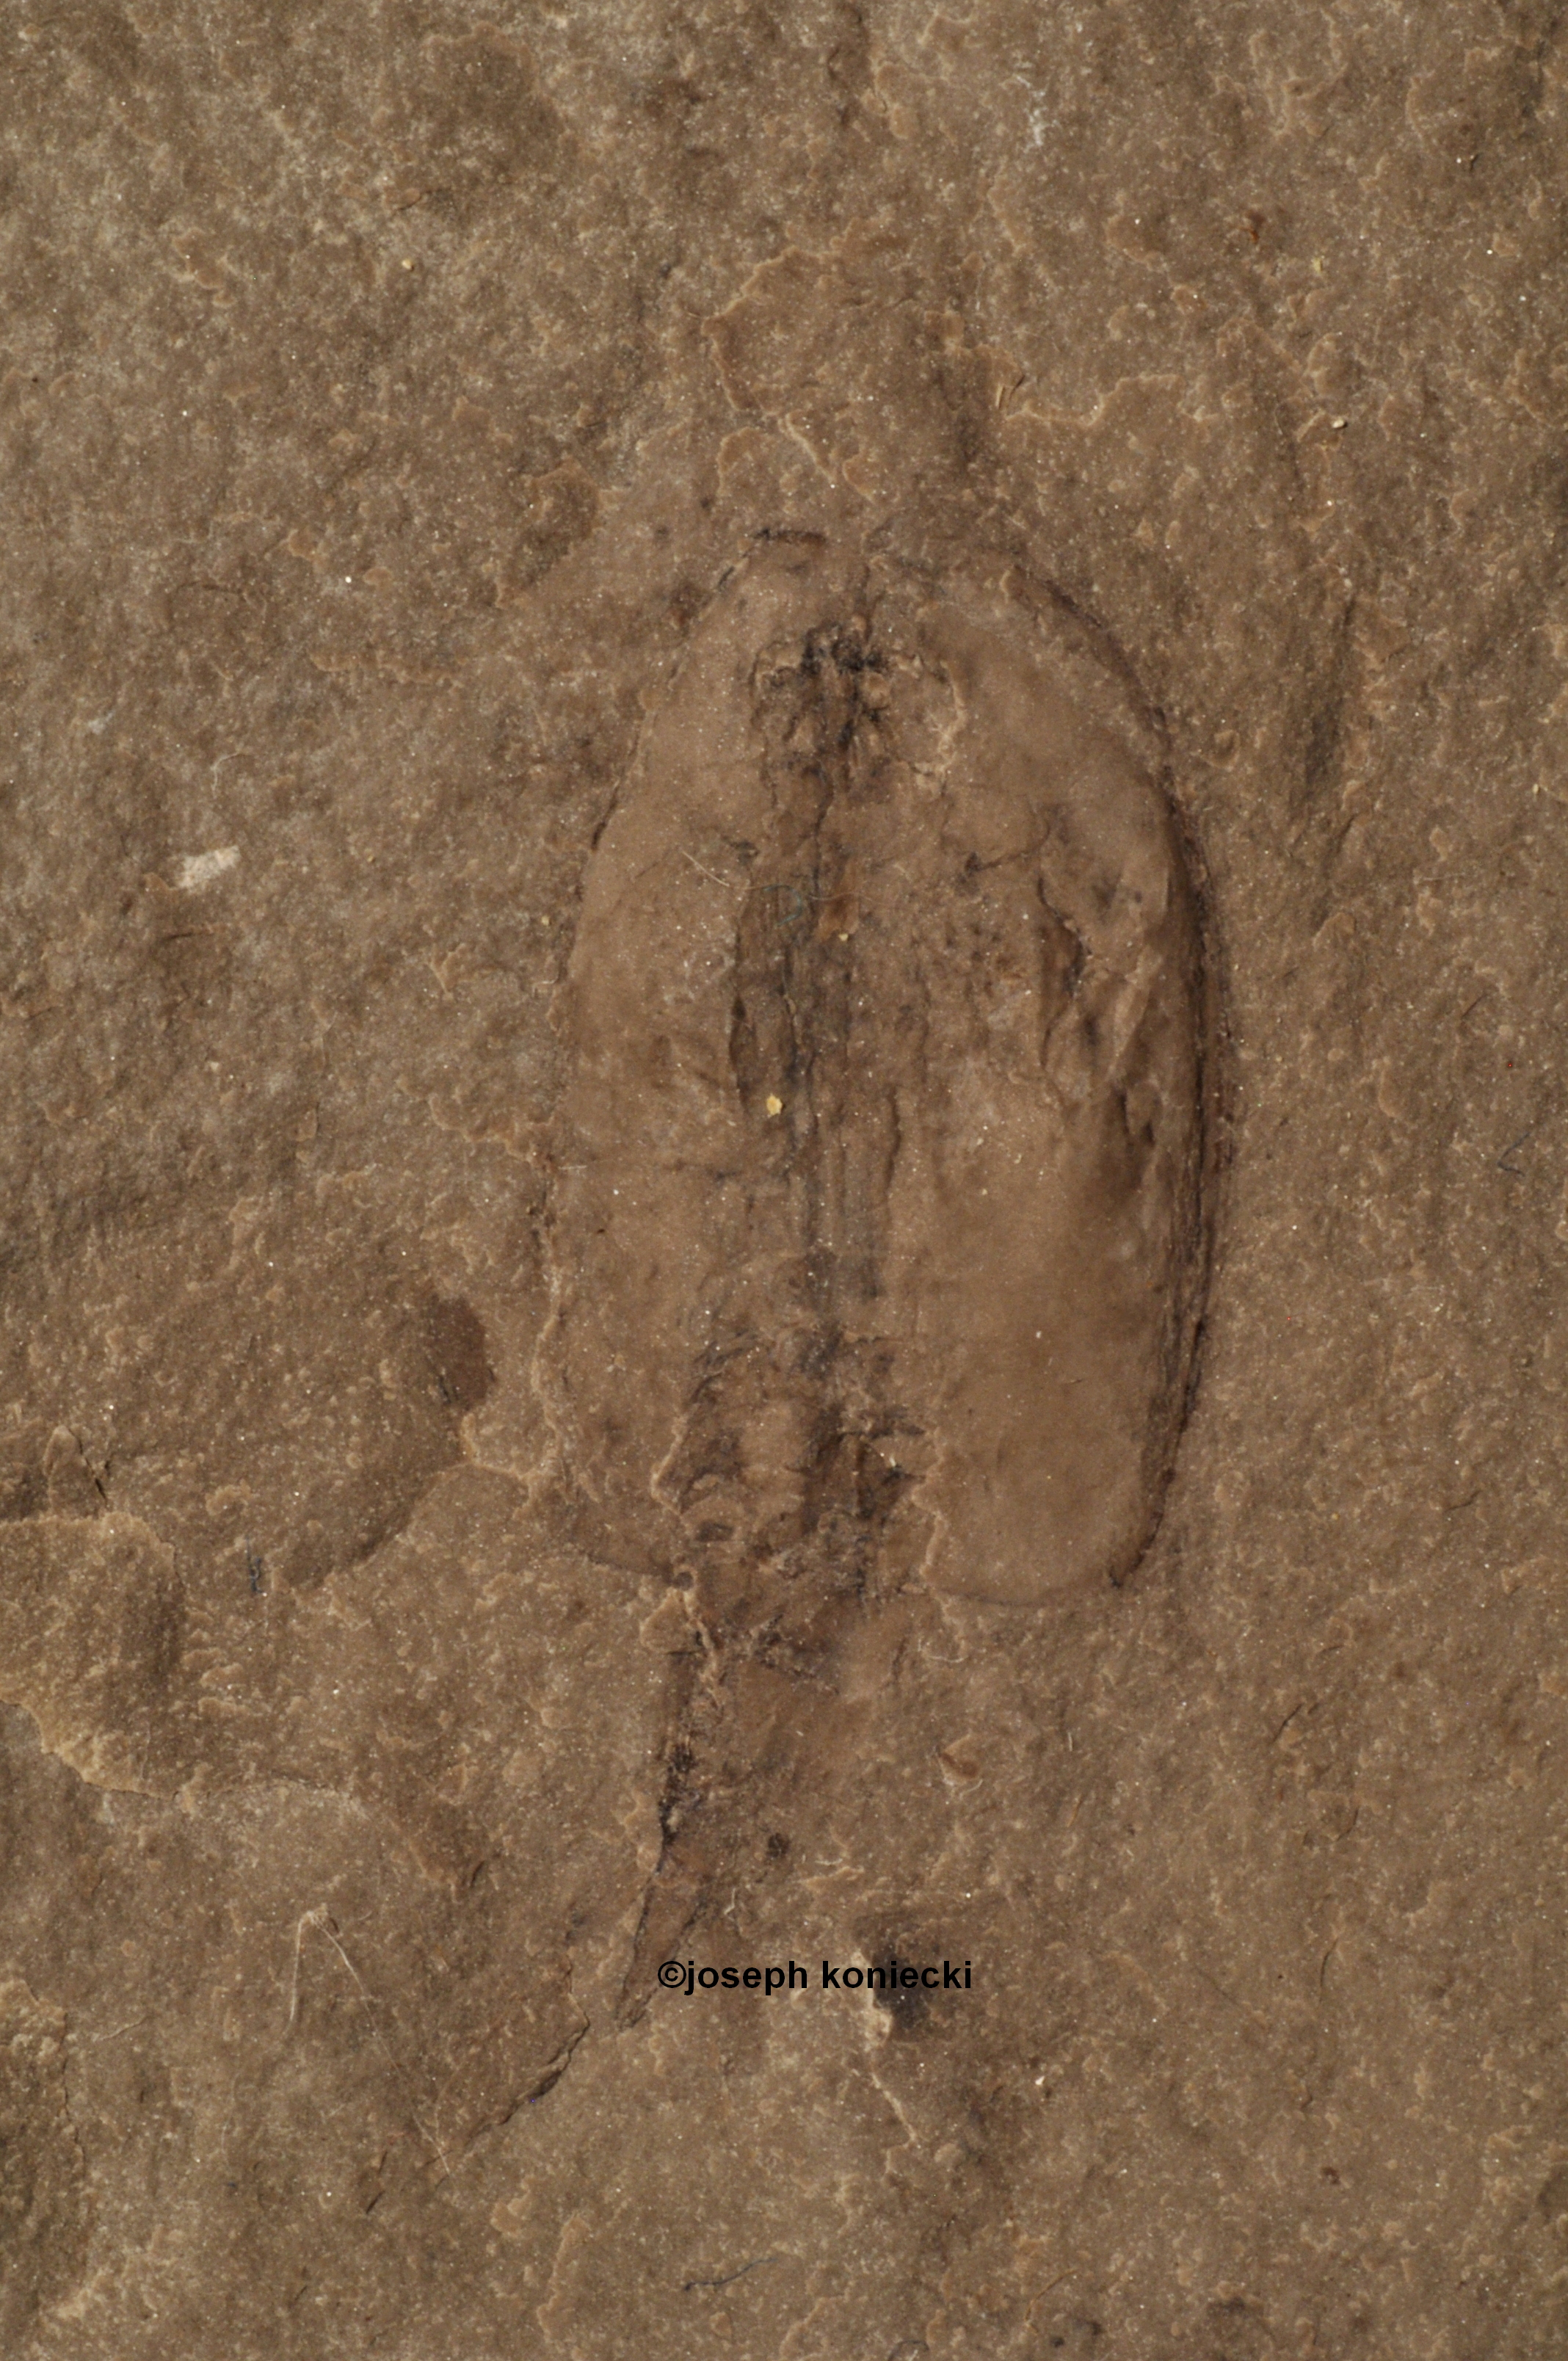 Ceratiocaris